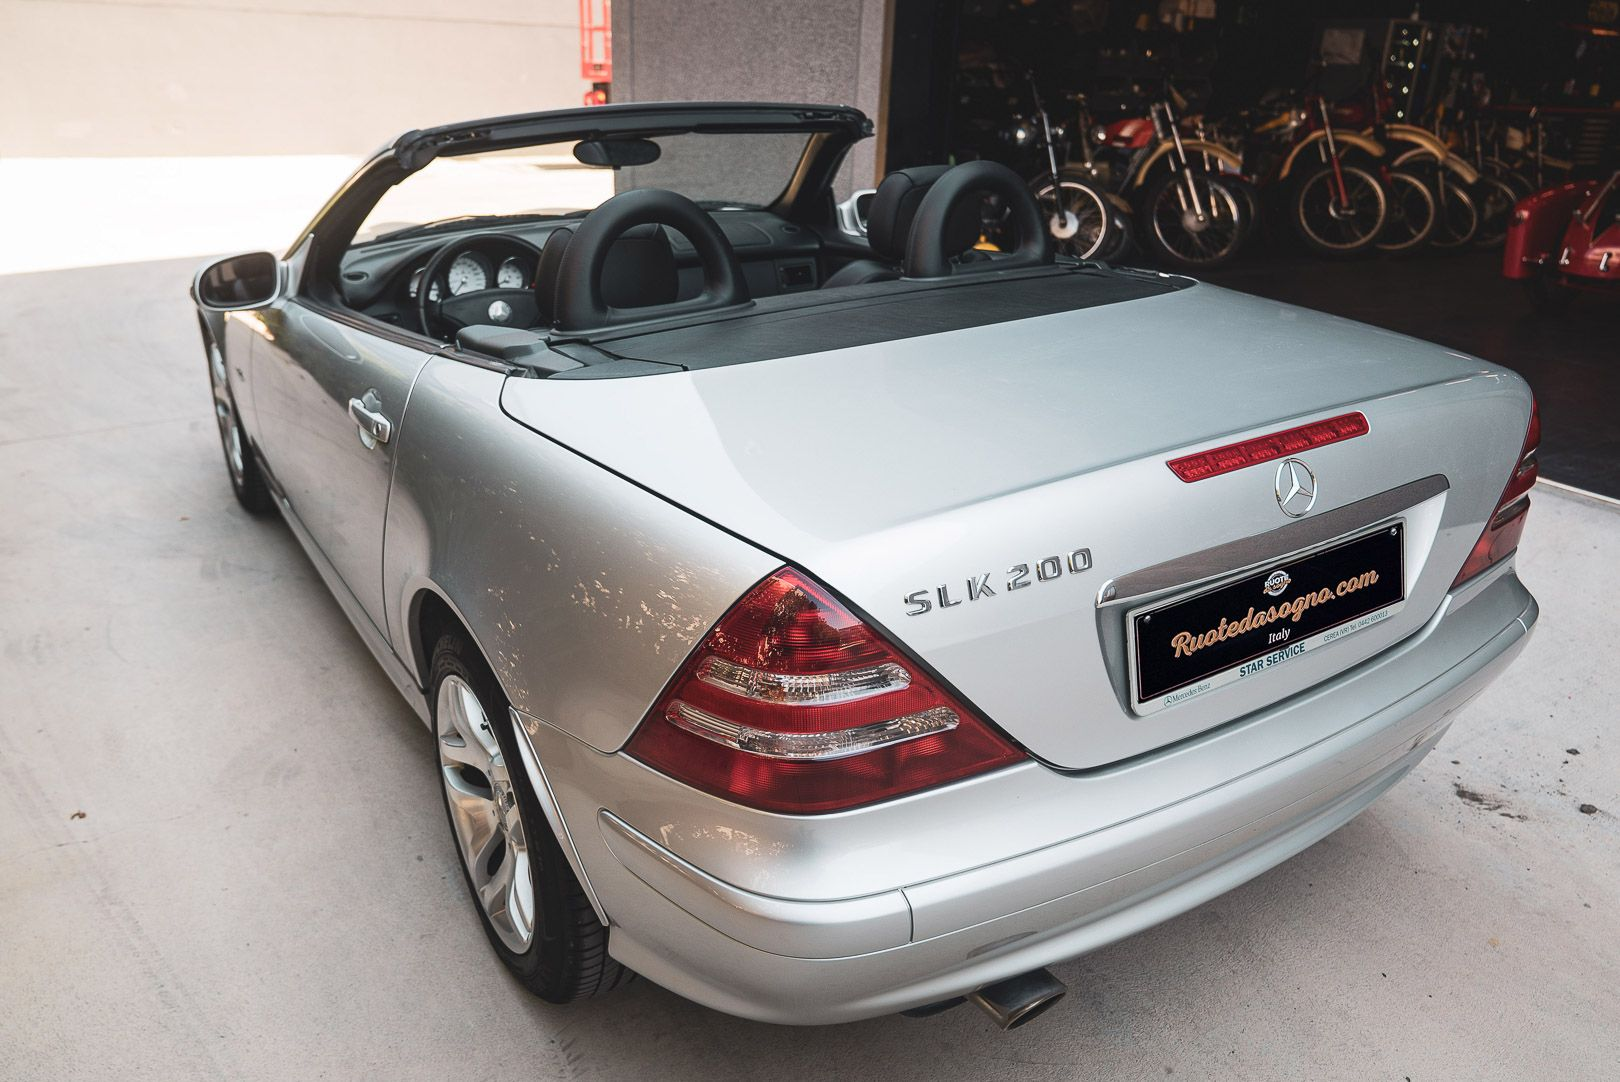 2004 Mercedes Benz 200 SLK Kompressor Special Edition 80715